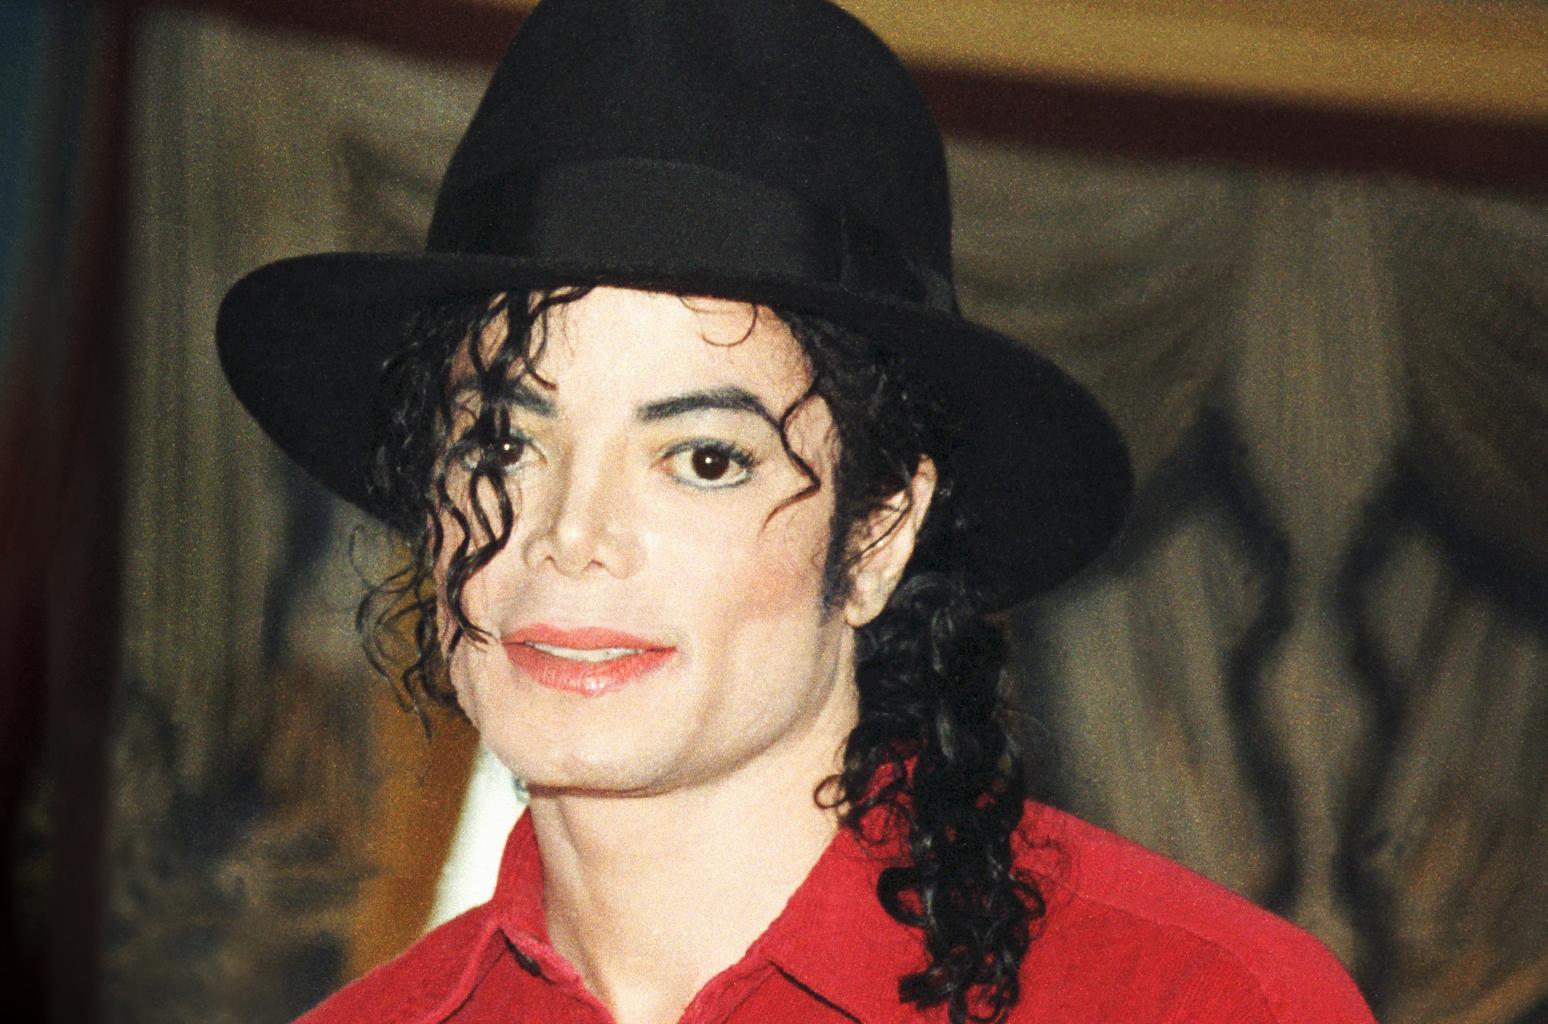 Особняк Майкла Джексона: фото, архитектура, история, цена